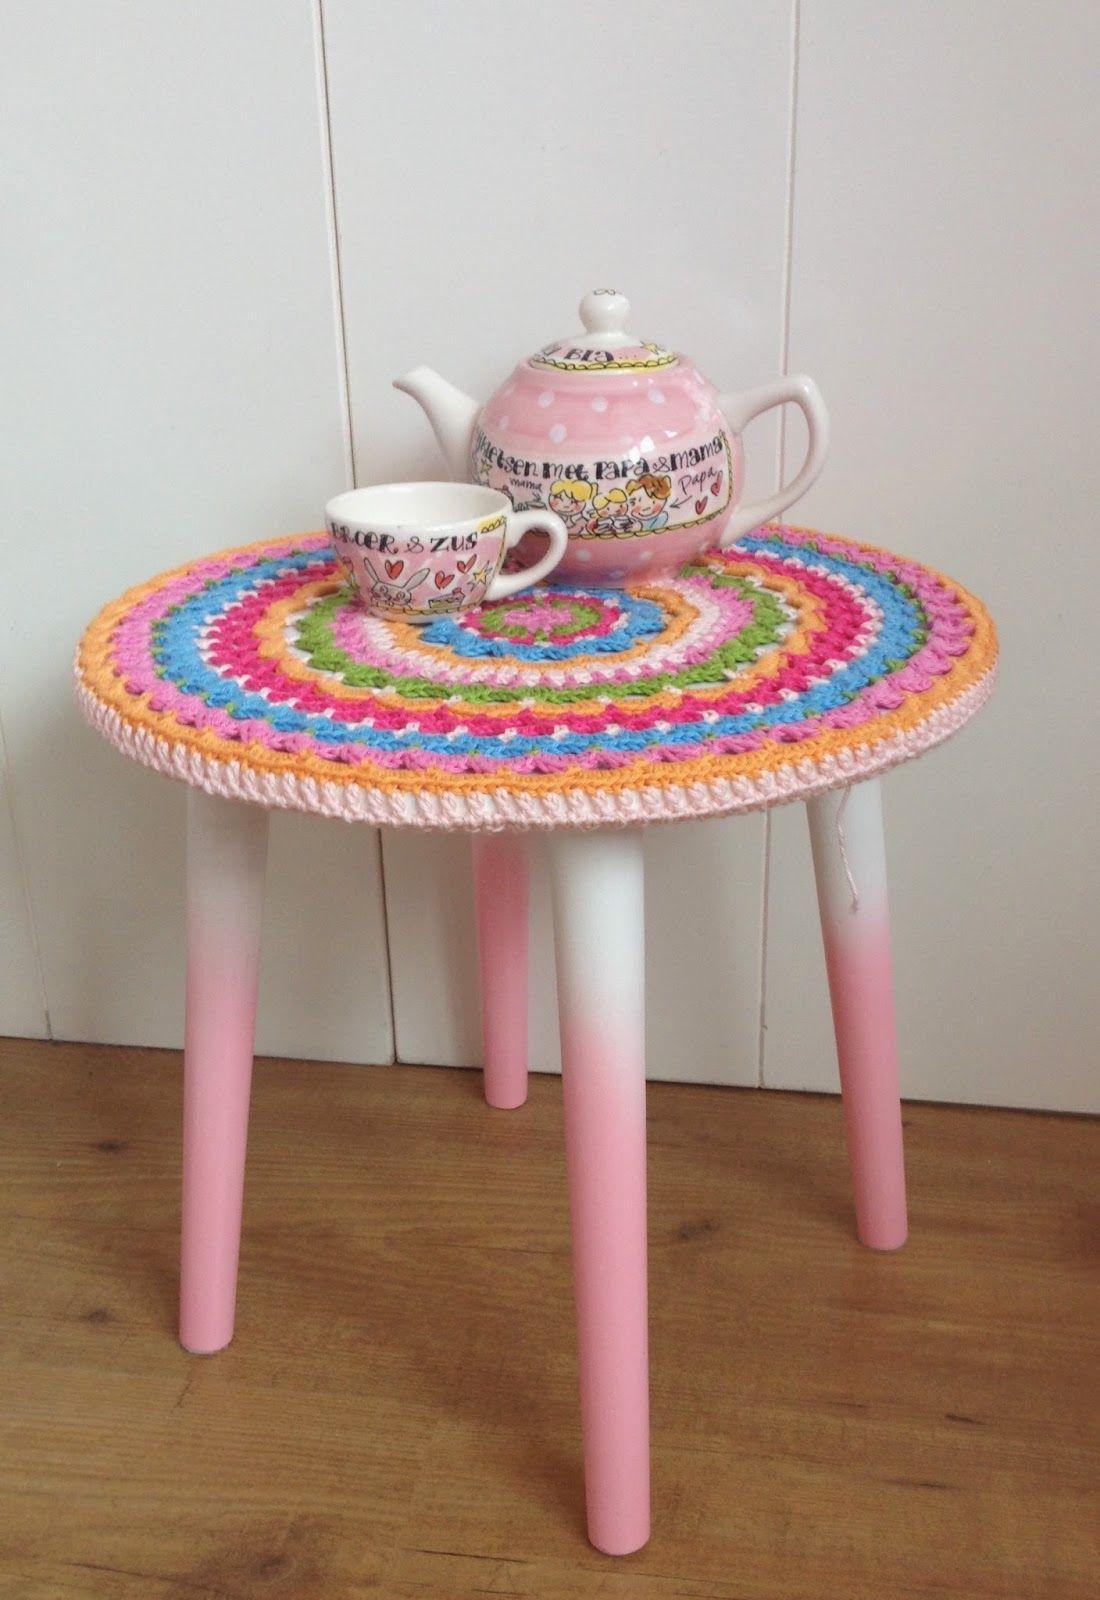 Ak at home : Crochet